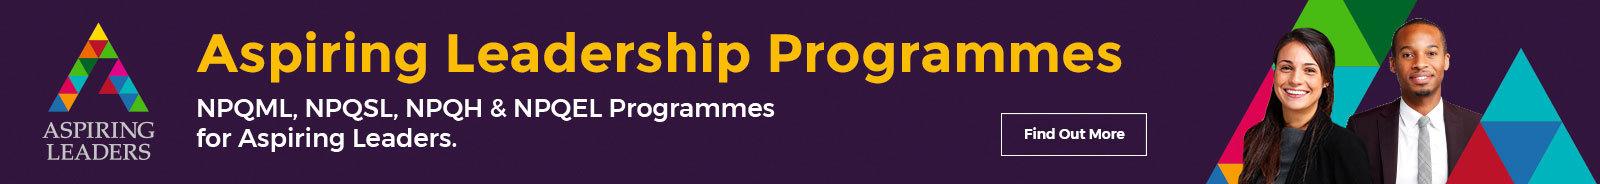 Aspiring Leadership Programmes